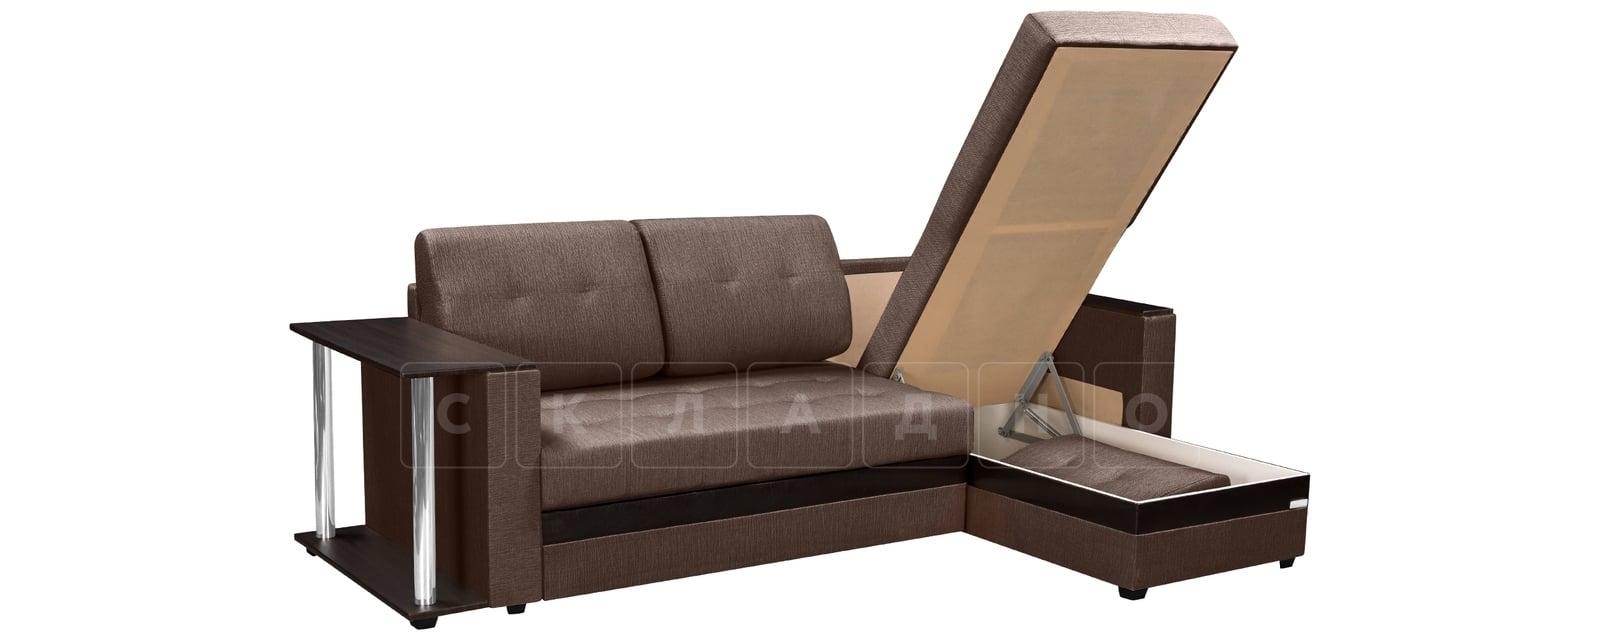 Угловой диван Атланта рогожка коричневого цвета фото 4 | интернет-магазин Складно